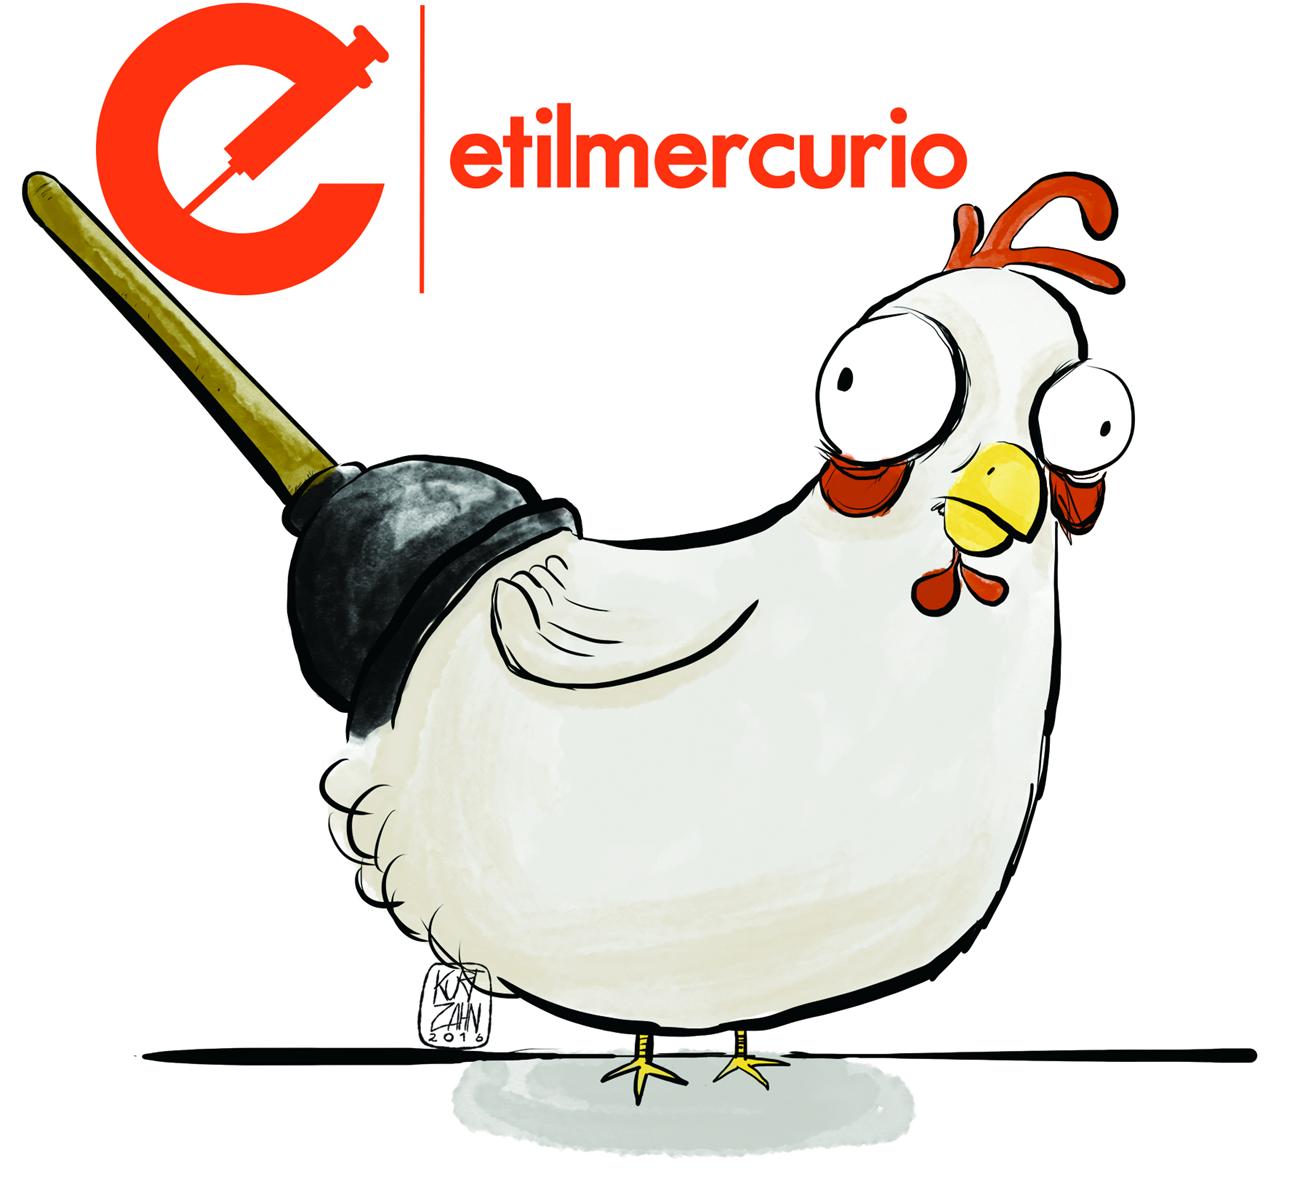 Support Etilmercurio on Ko-fi.com! ❤️